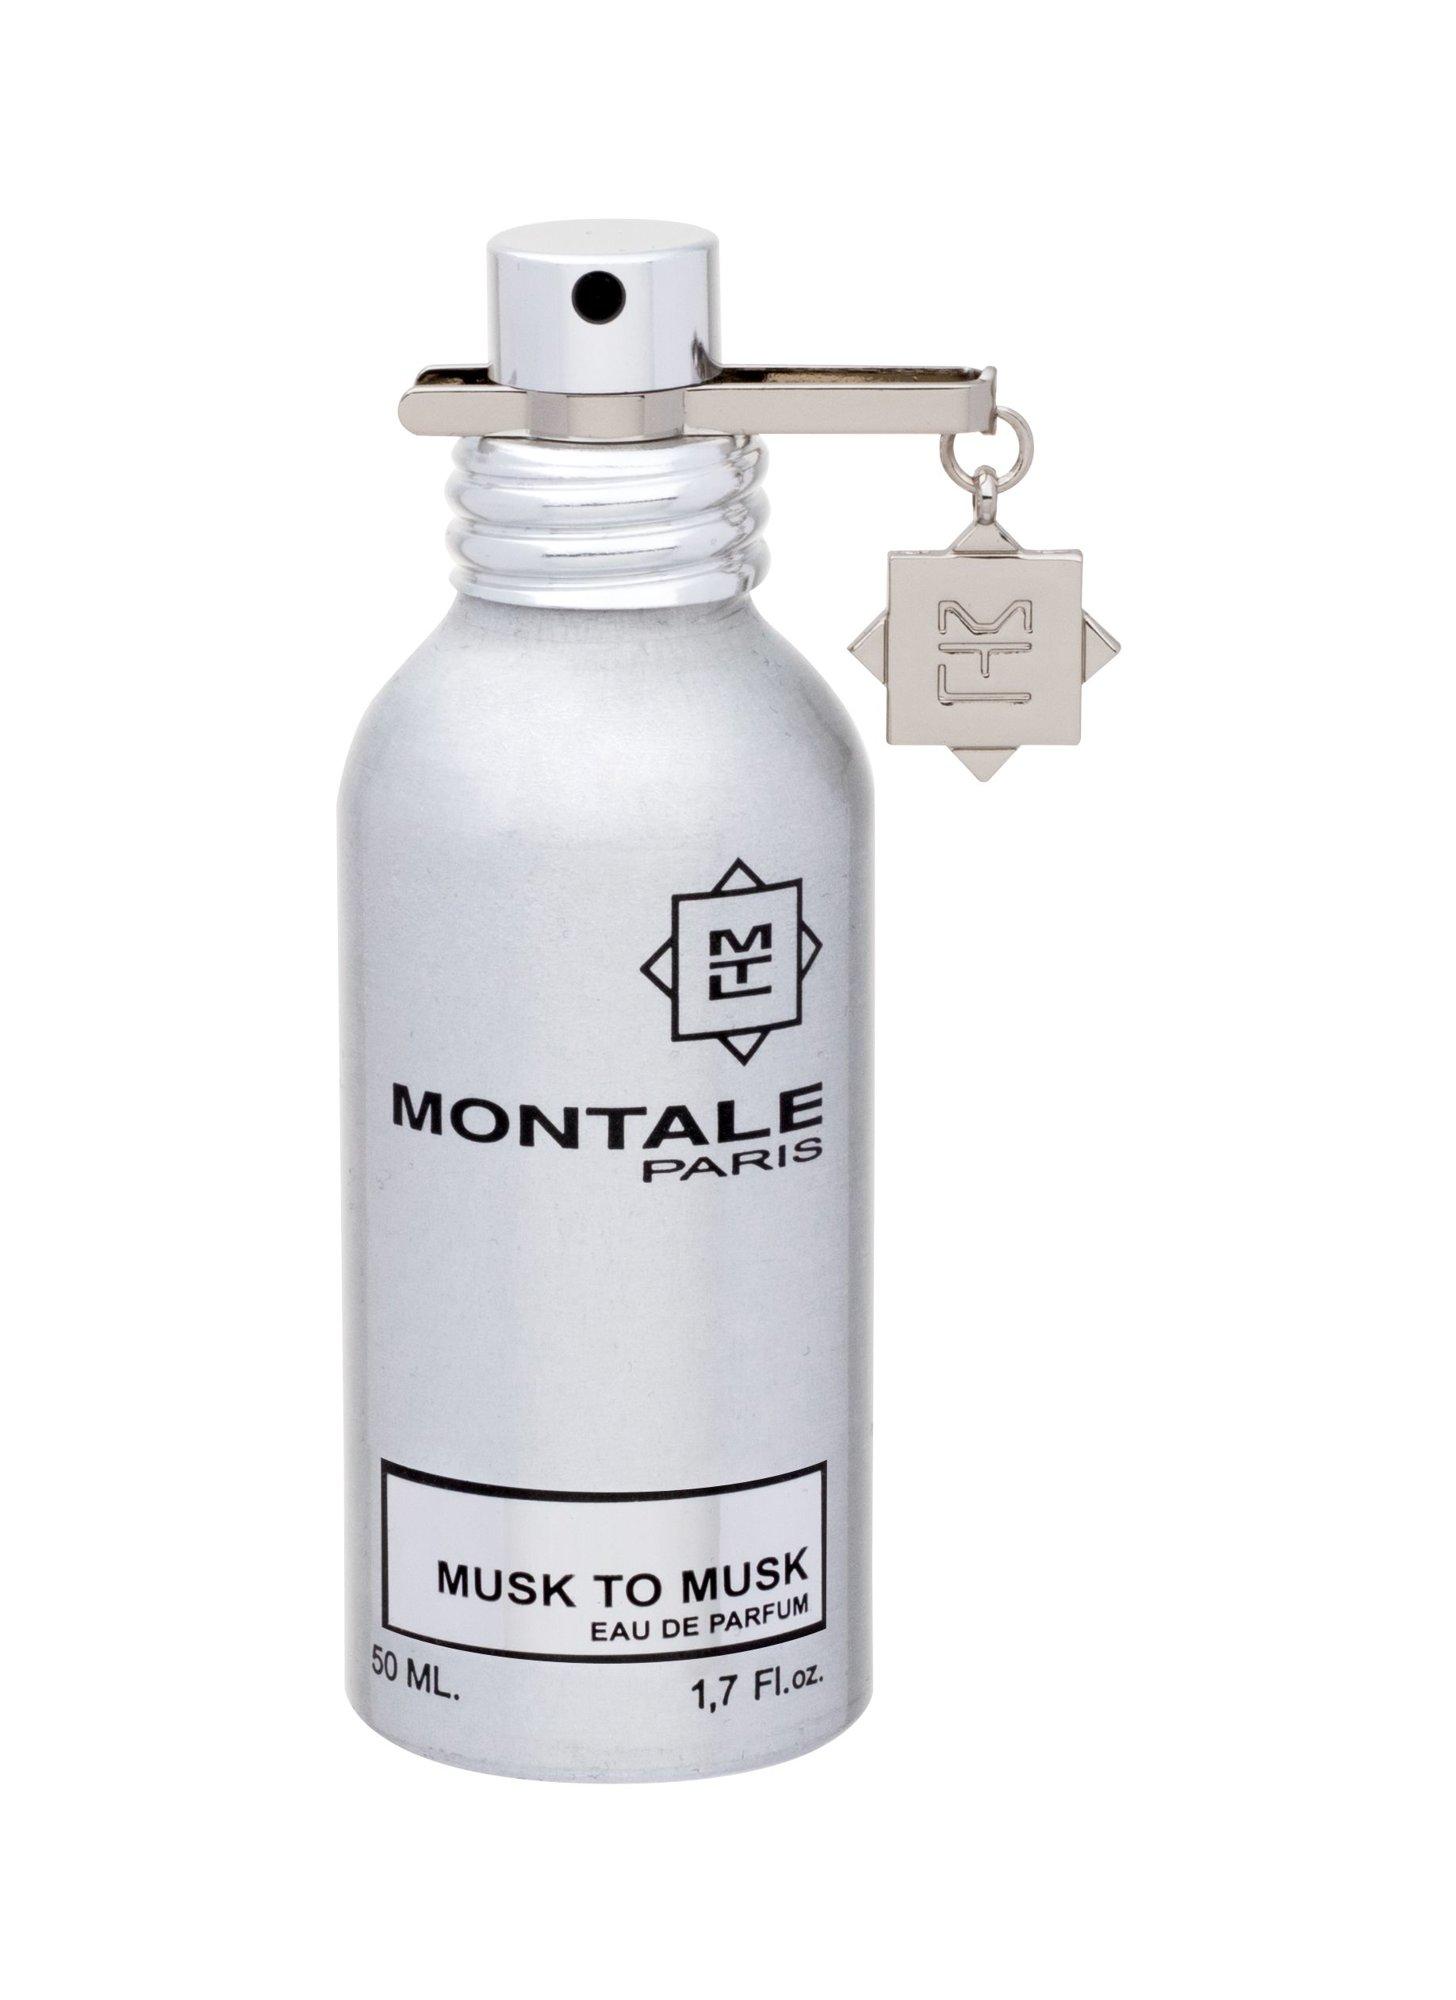 Montale Paris Musk To Musk EDP 50ml